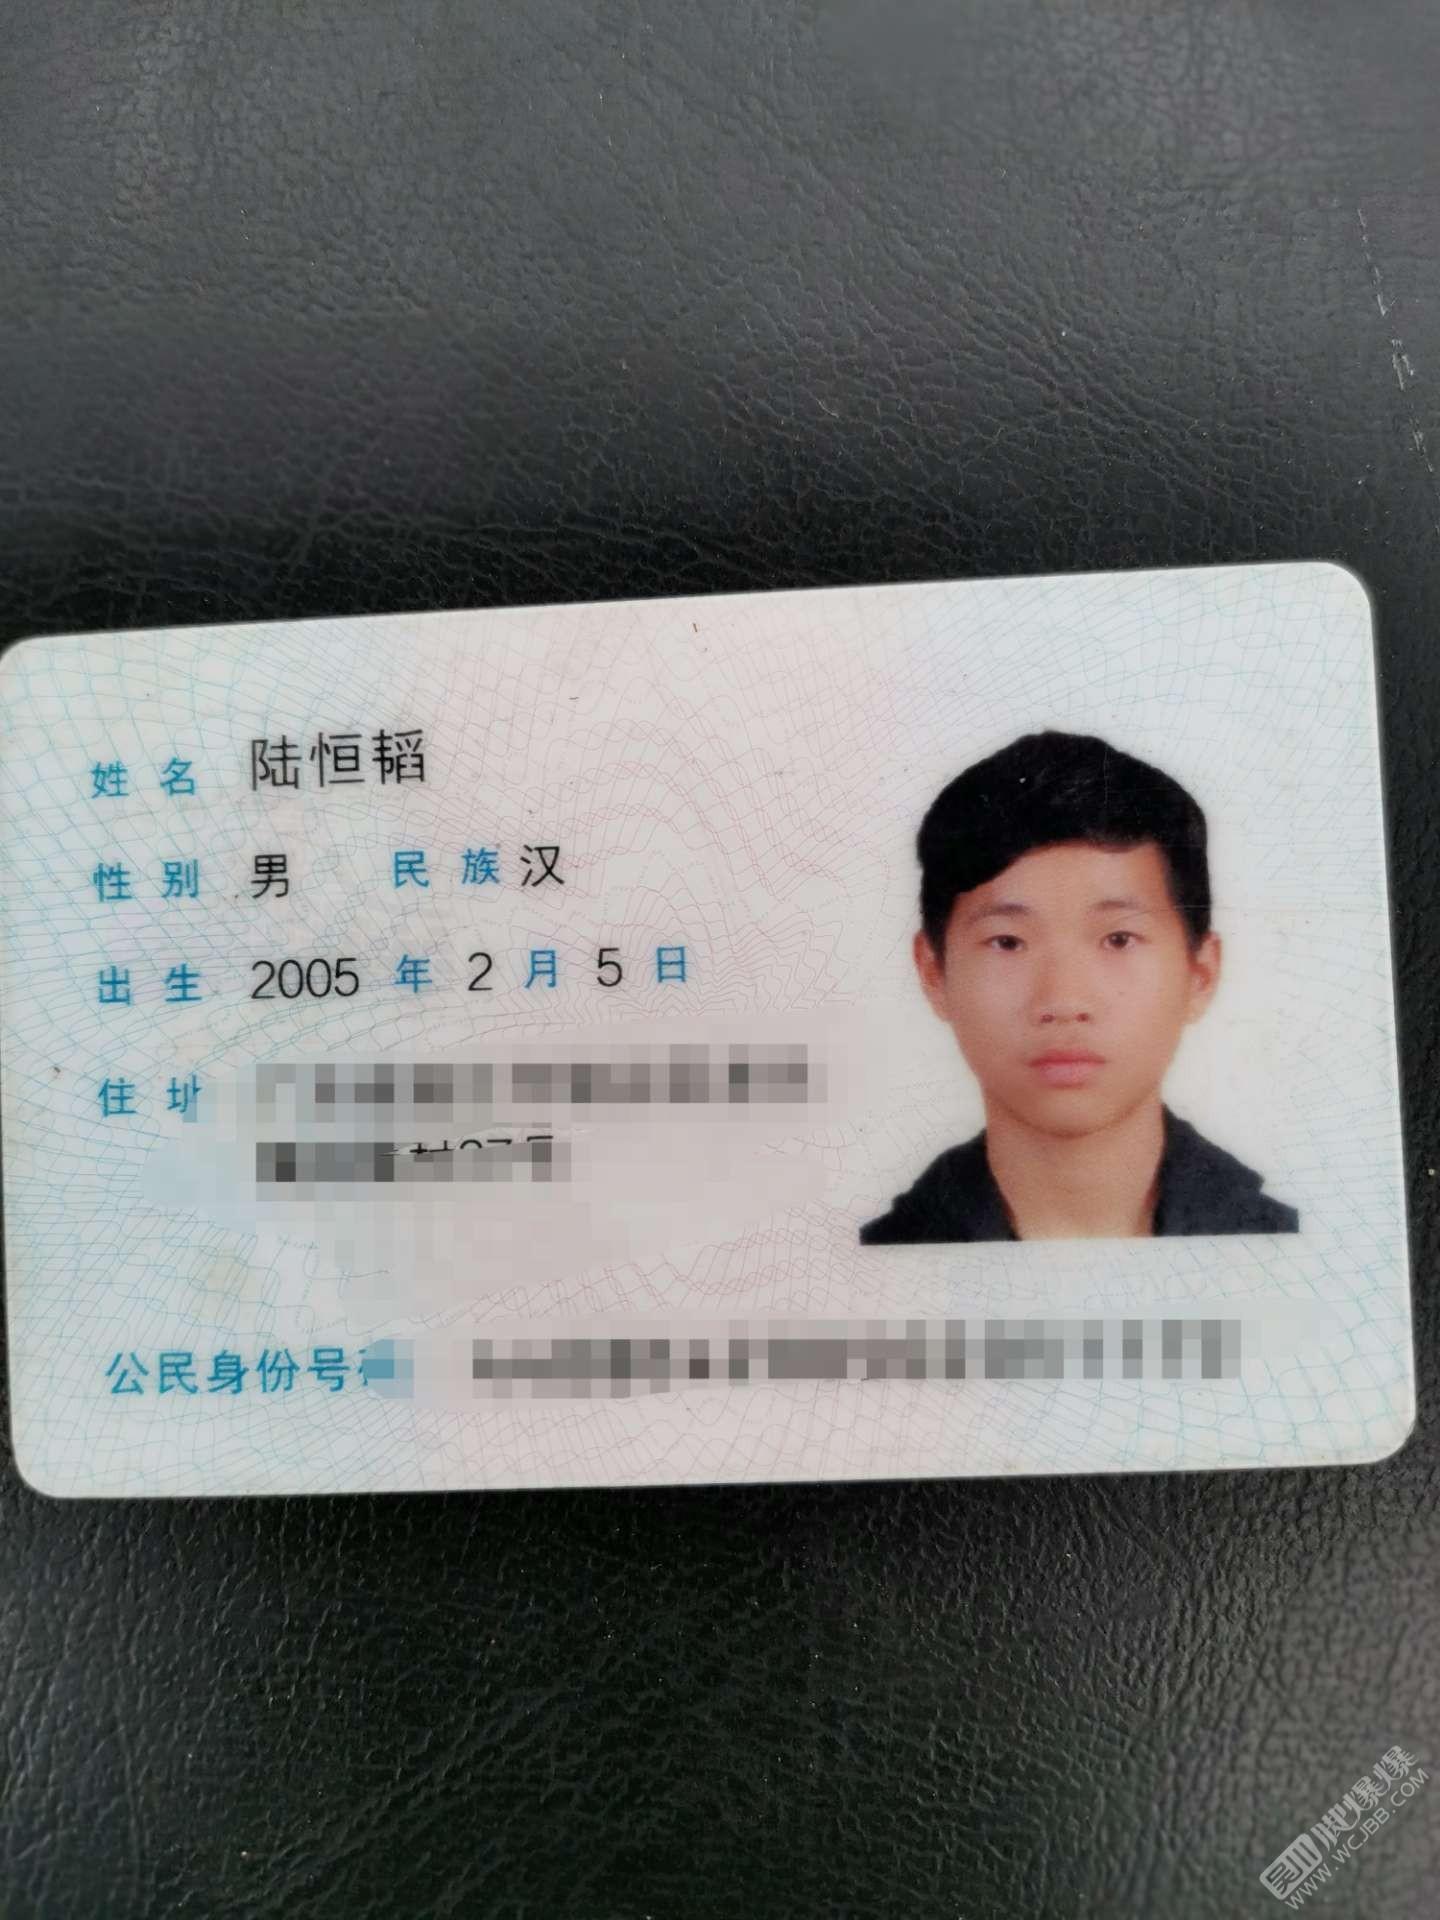 失主來領身份證